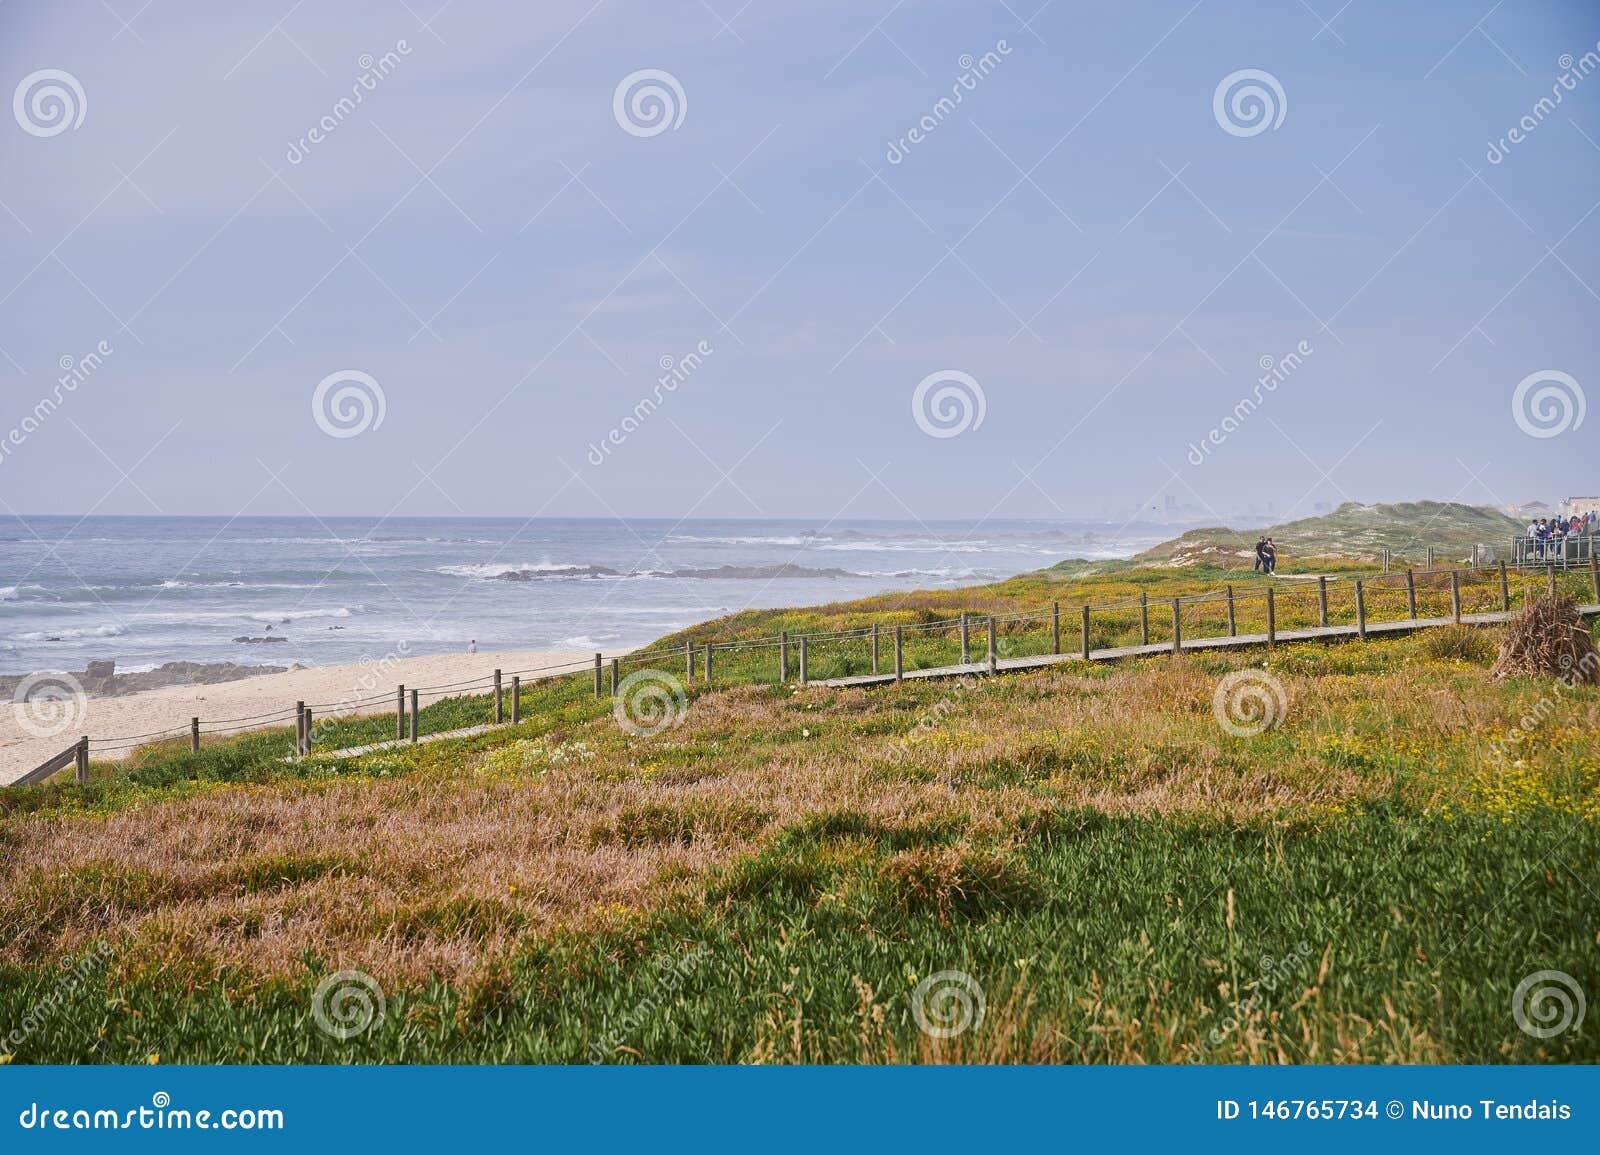 Végétation sur les dunes devant la mer